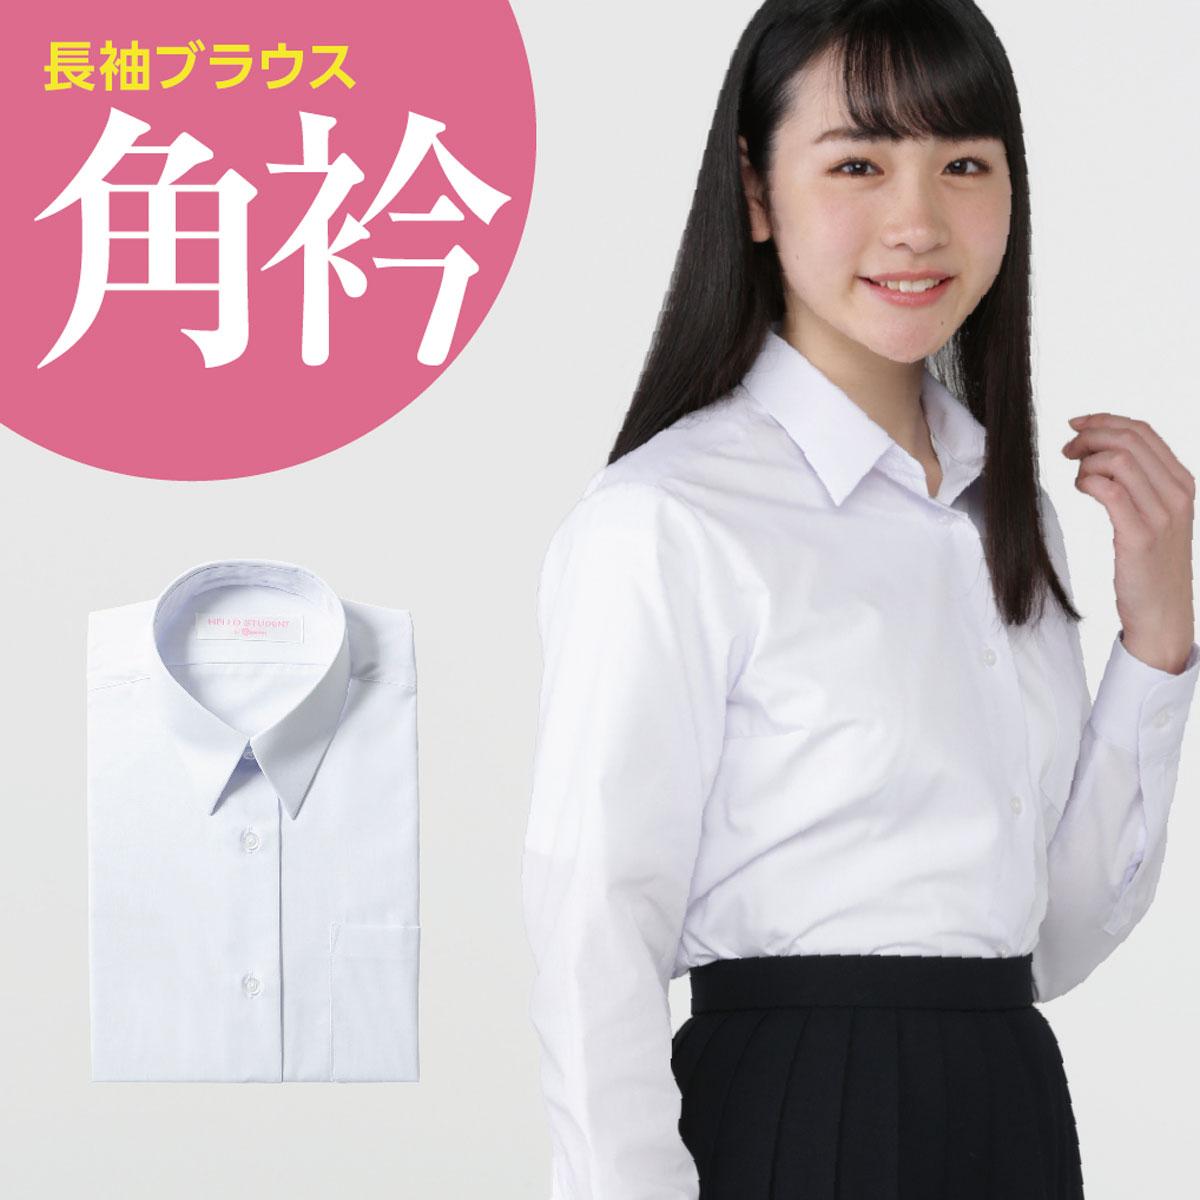 女子 長袖角衿ブラウス 【形態安定】 ノンアイロン